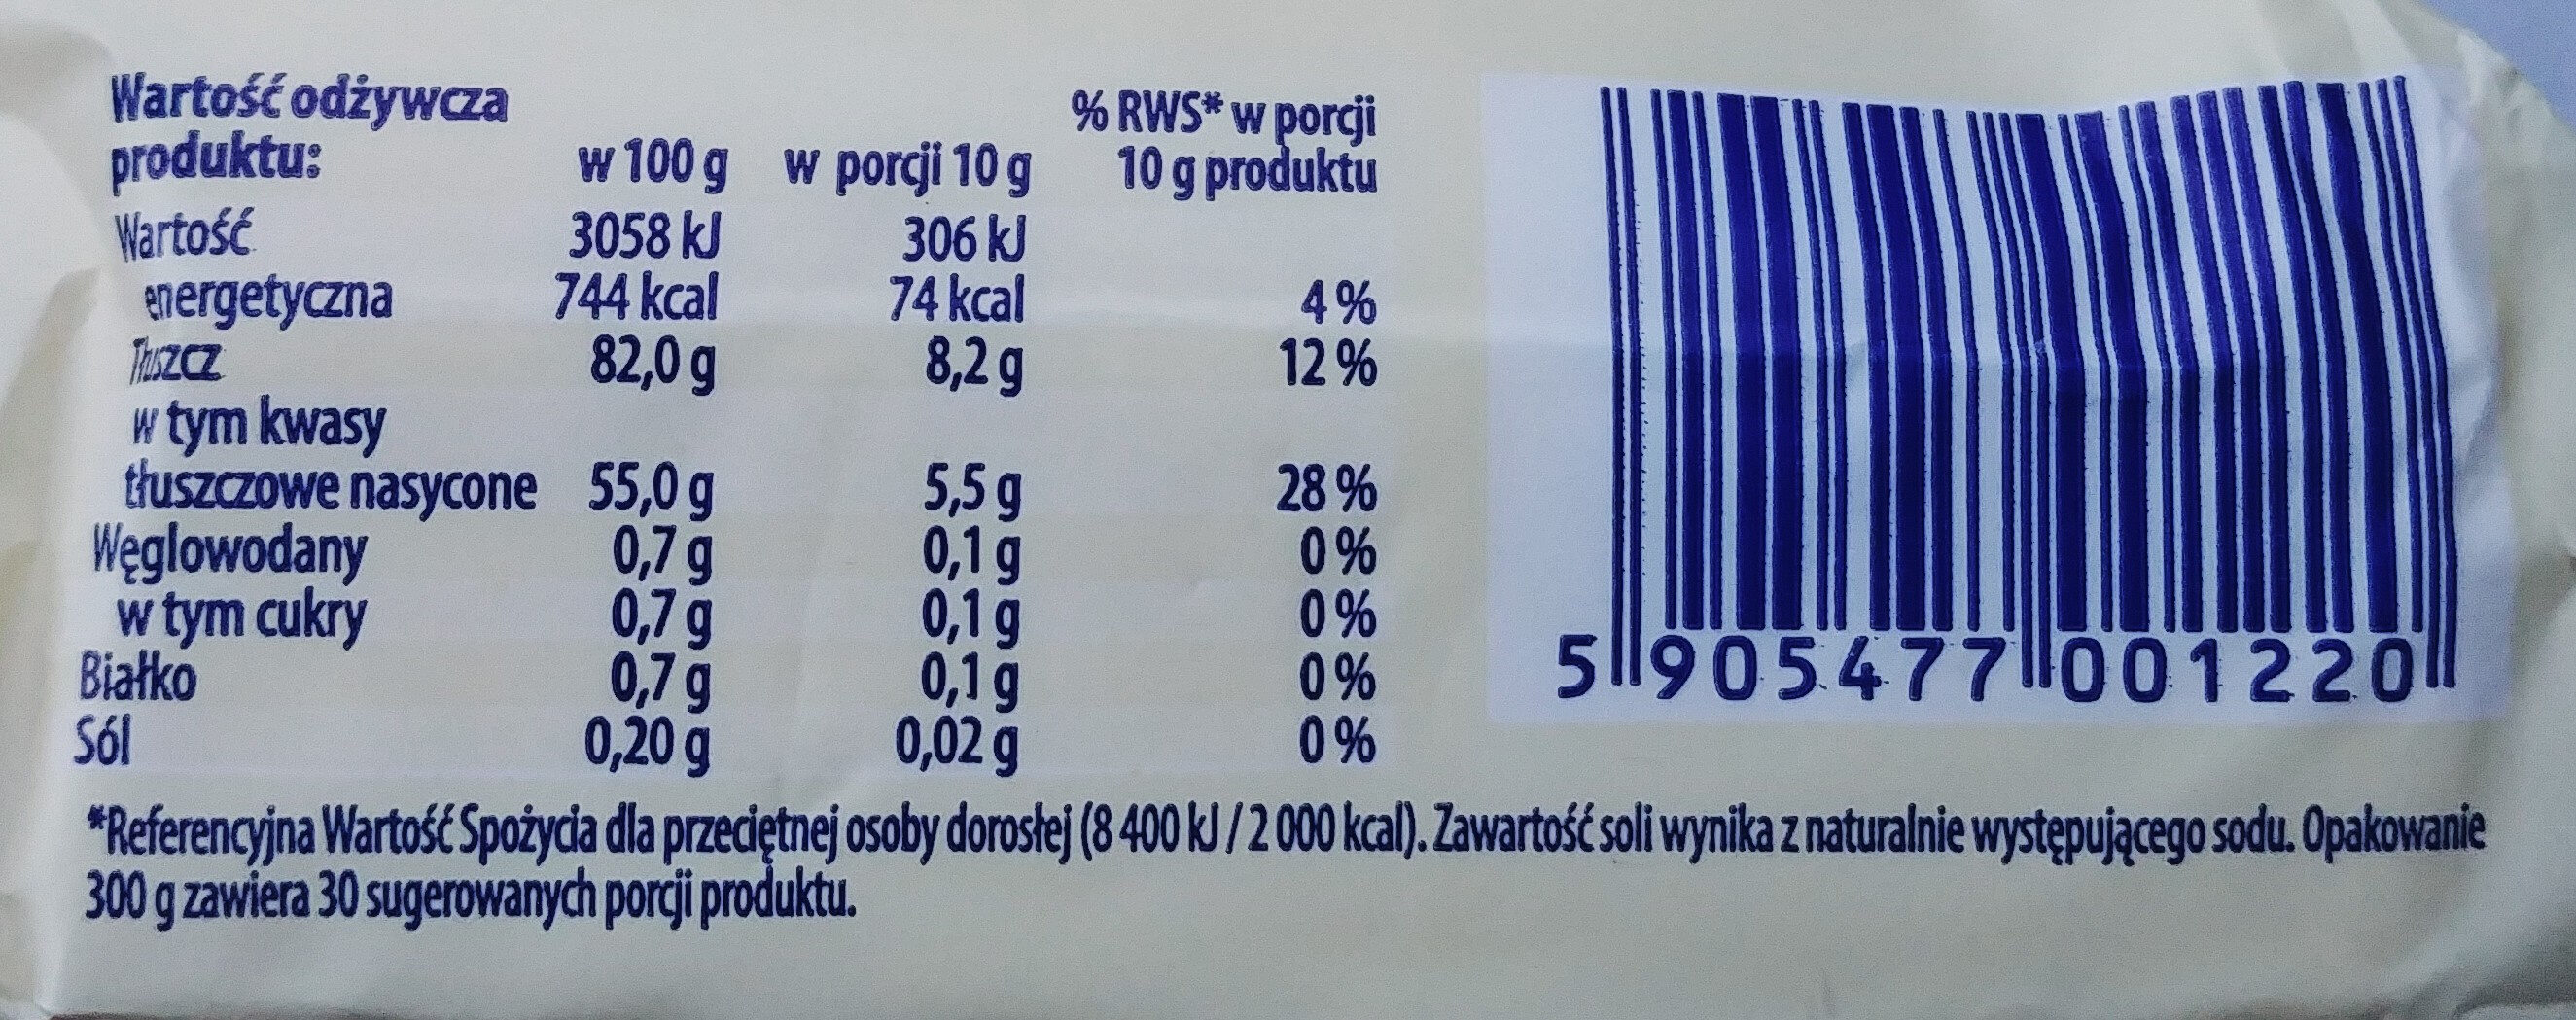 Masło osełkowe - Wartości odżywcze - pl